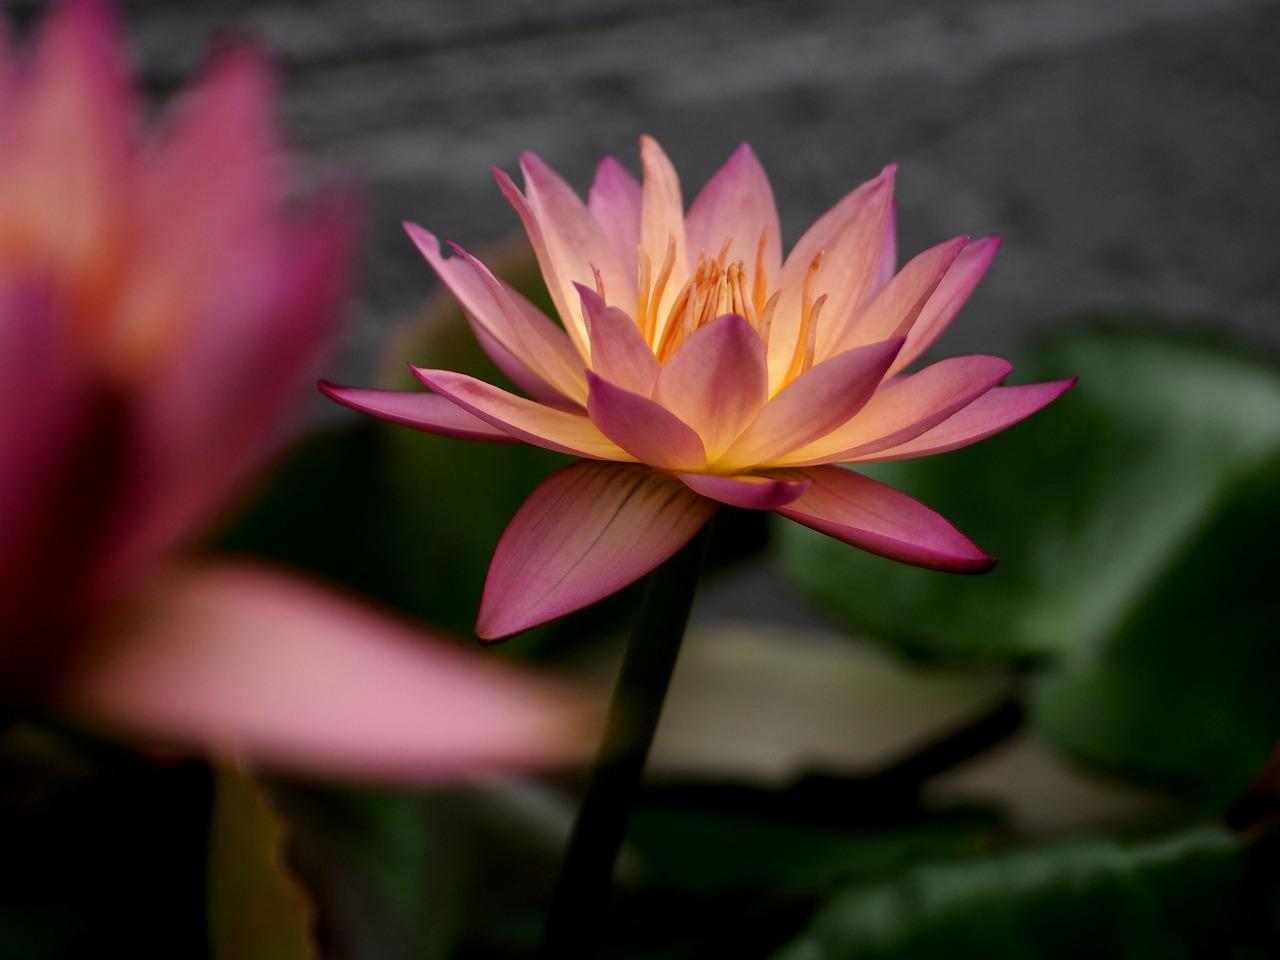 20150718-06_TropicSunset-P02.jpg